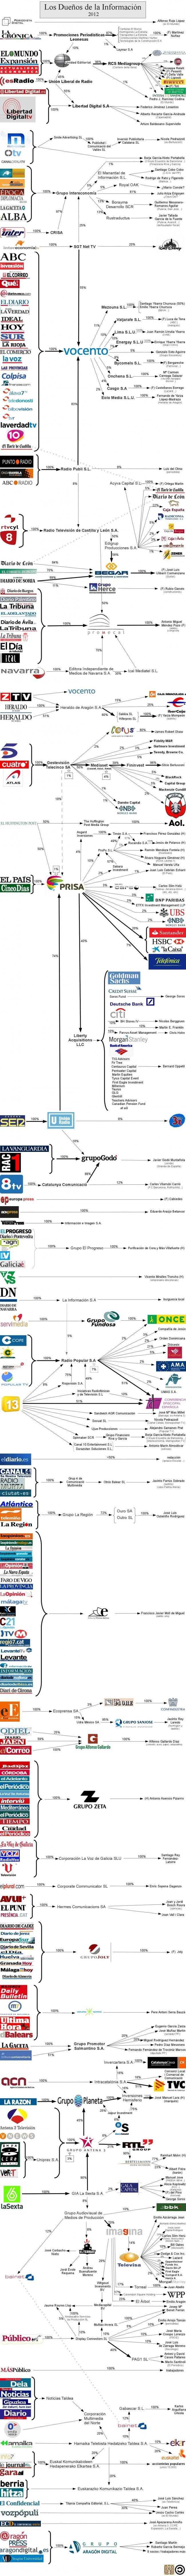 medios-de-comunicacion.jpg